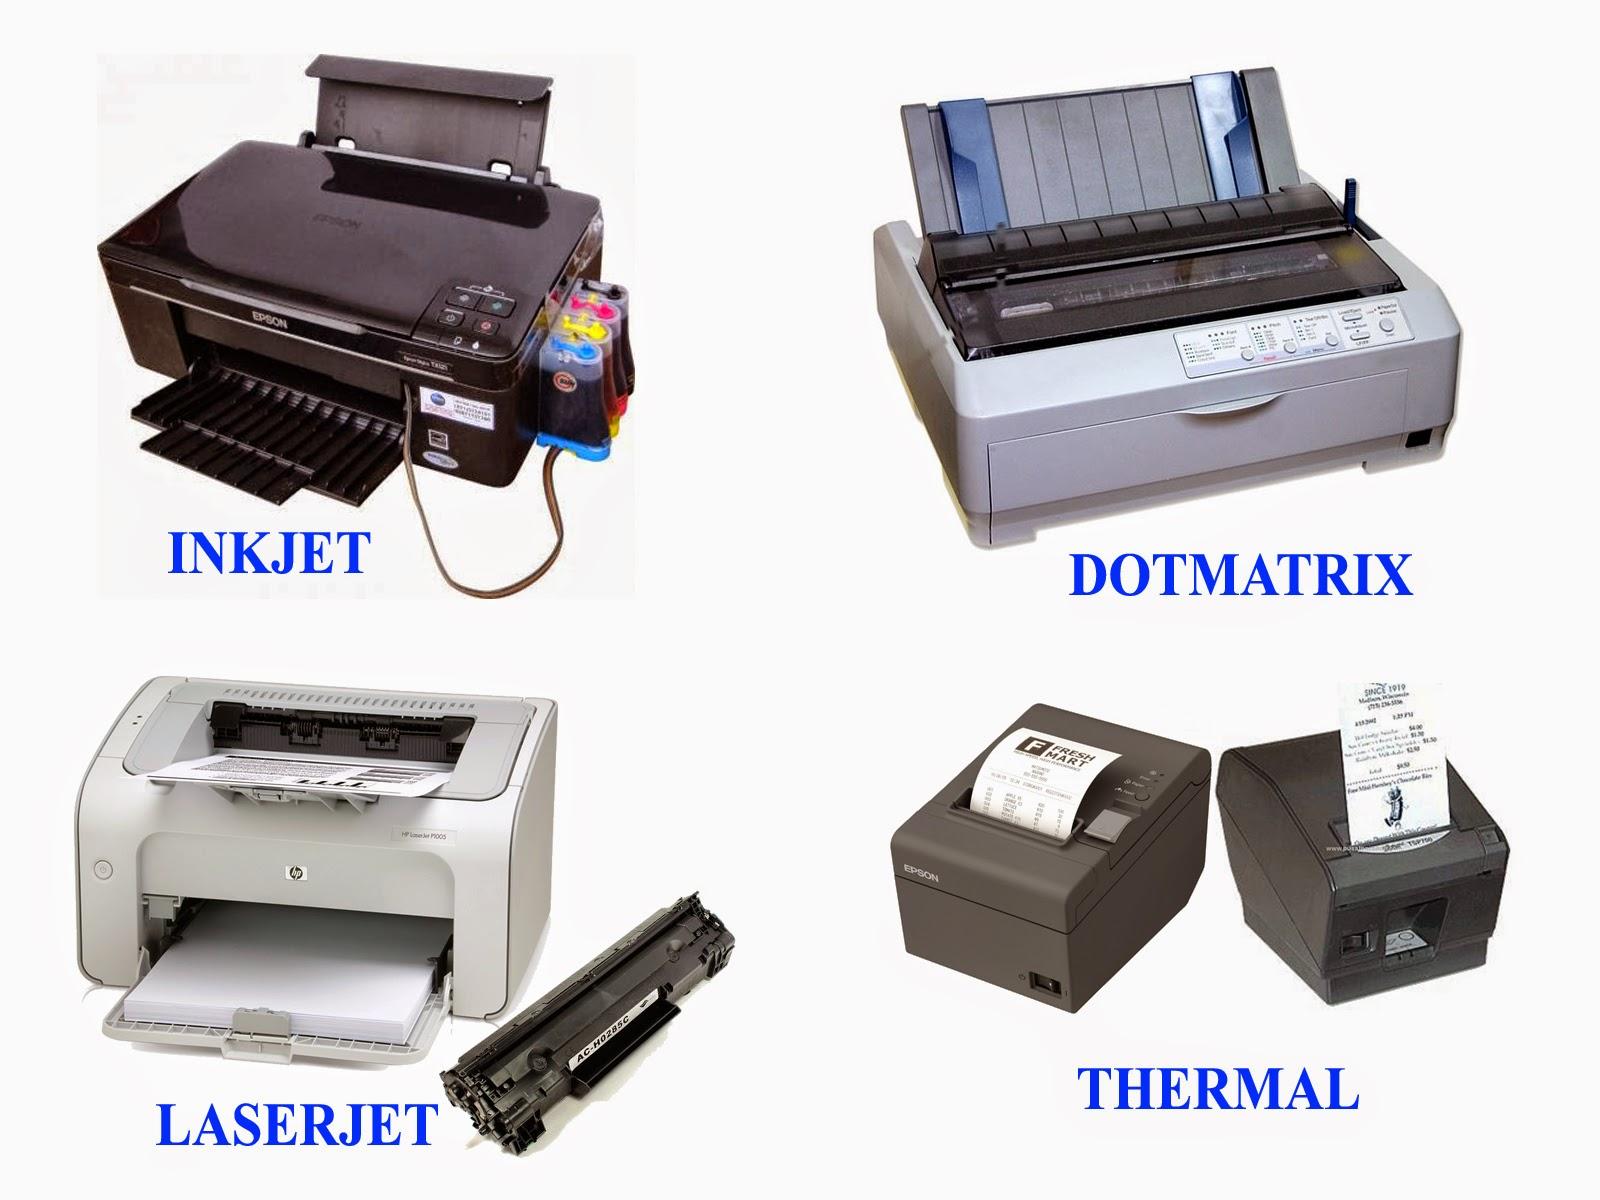 macam macam printer